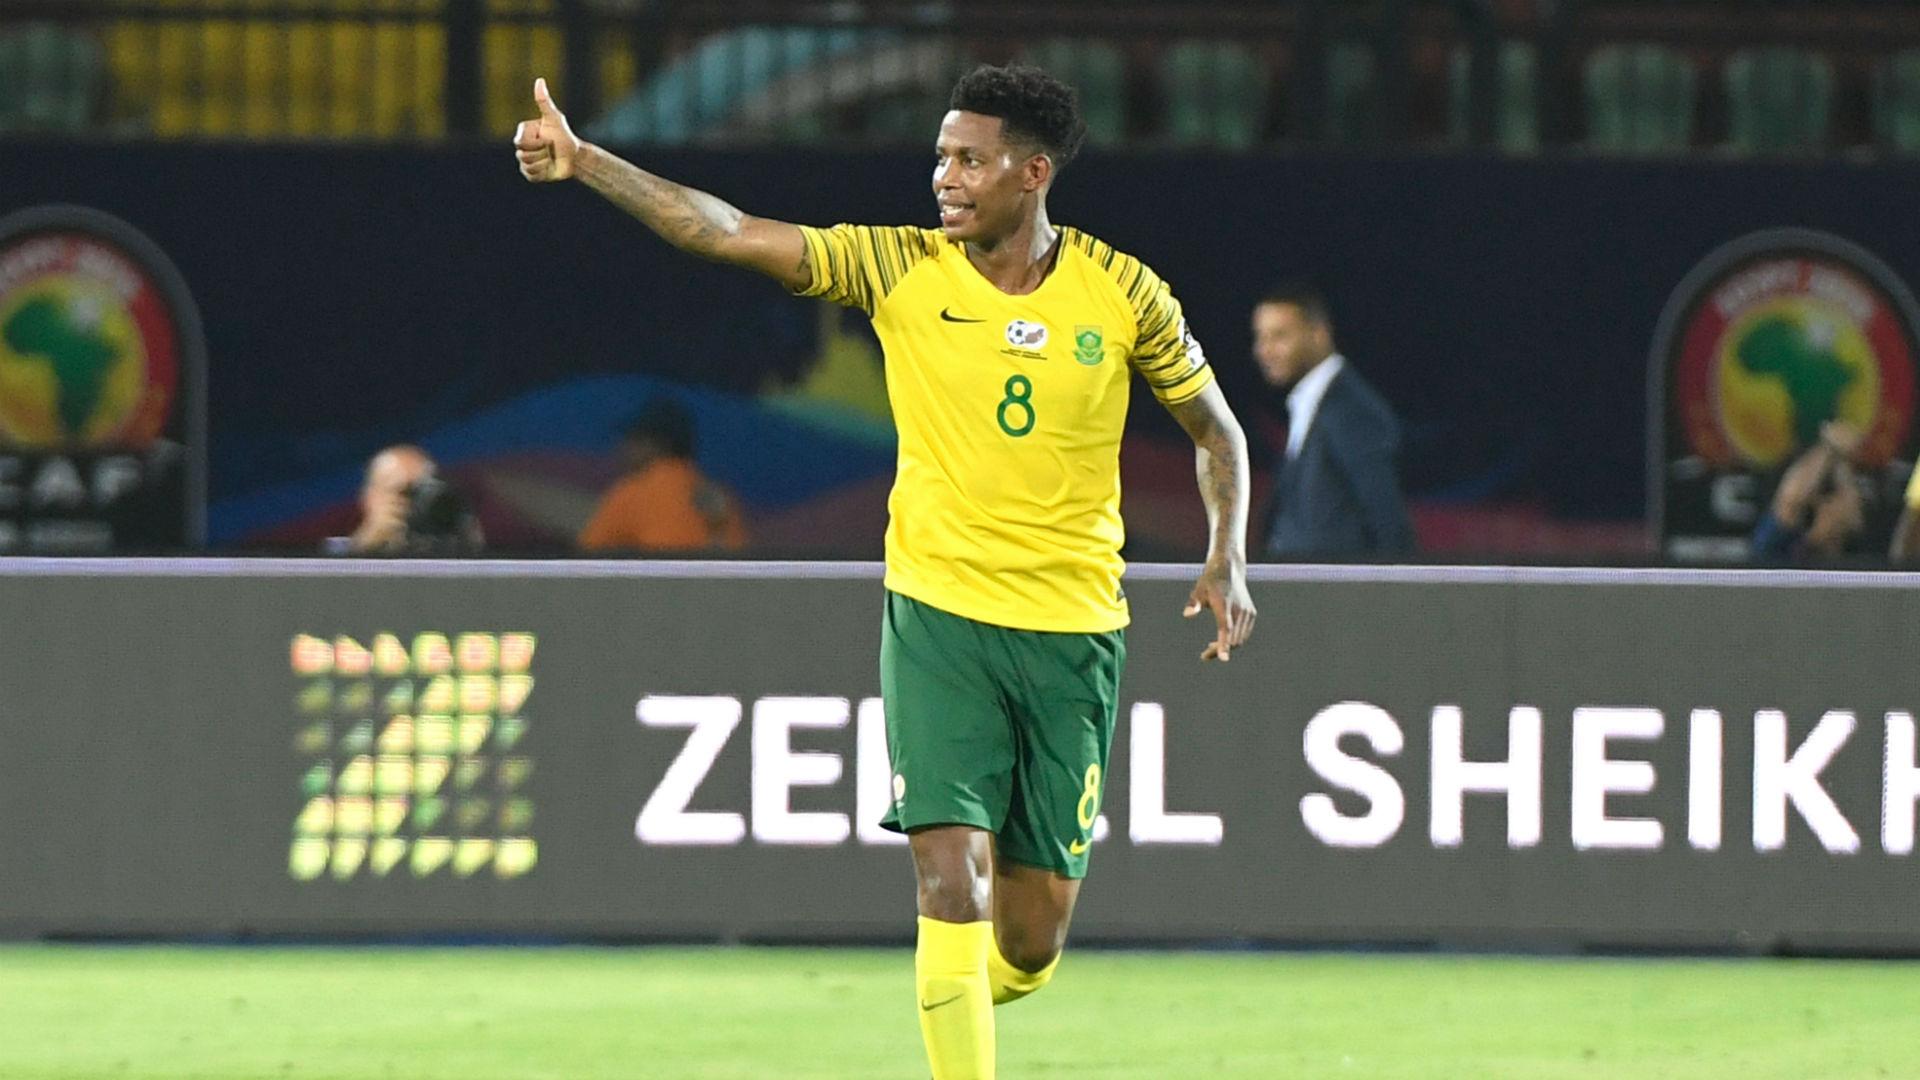 South Africa v Namibia - Bongani Zungu - June 2019